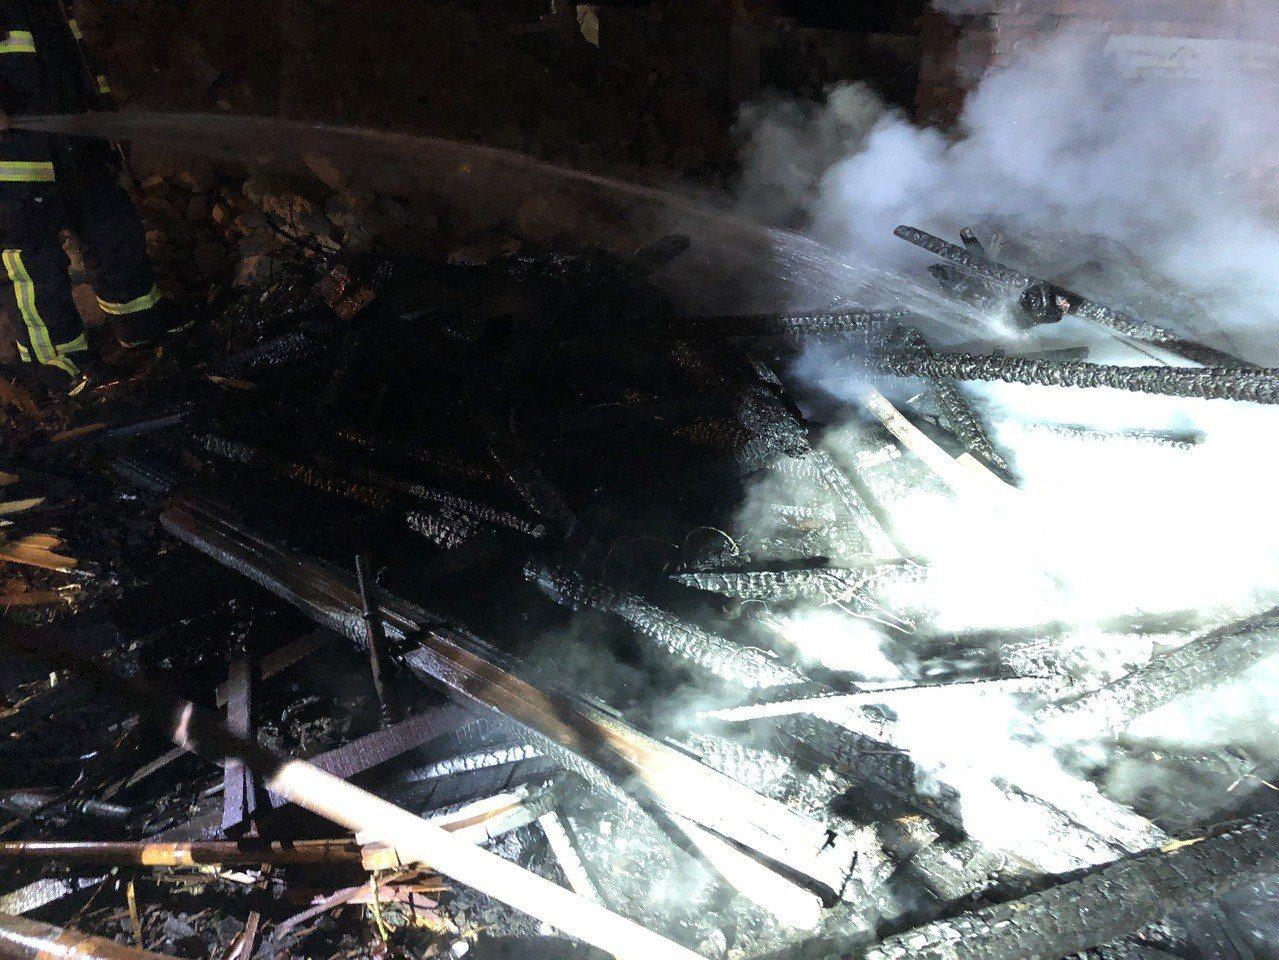 豐原慈鳳宮空地堆放廢棄木材,昨不明原因起火燃燒,所幸無人傷亡。記者林佩均/翻攝